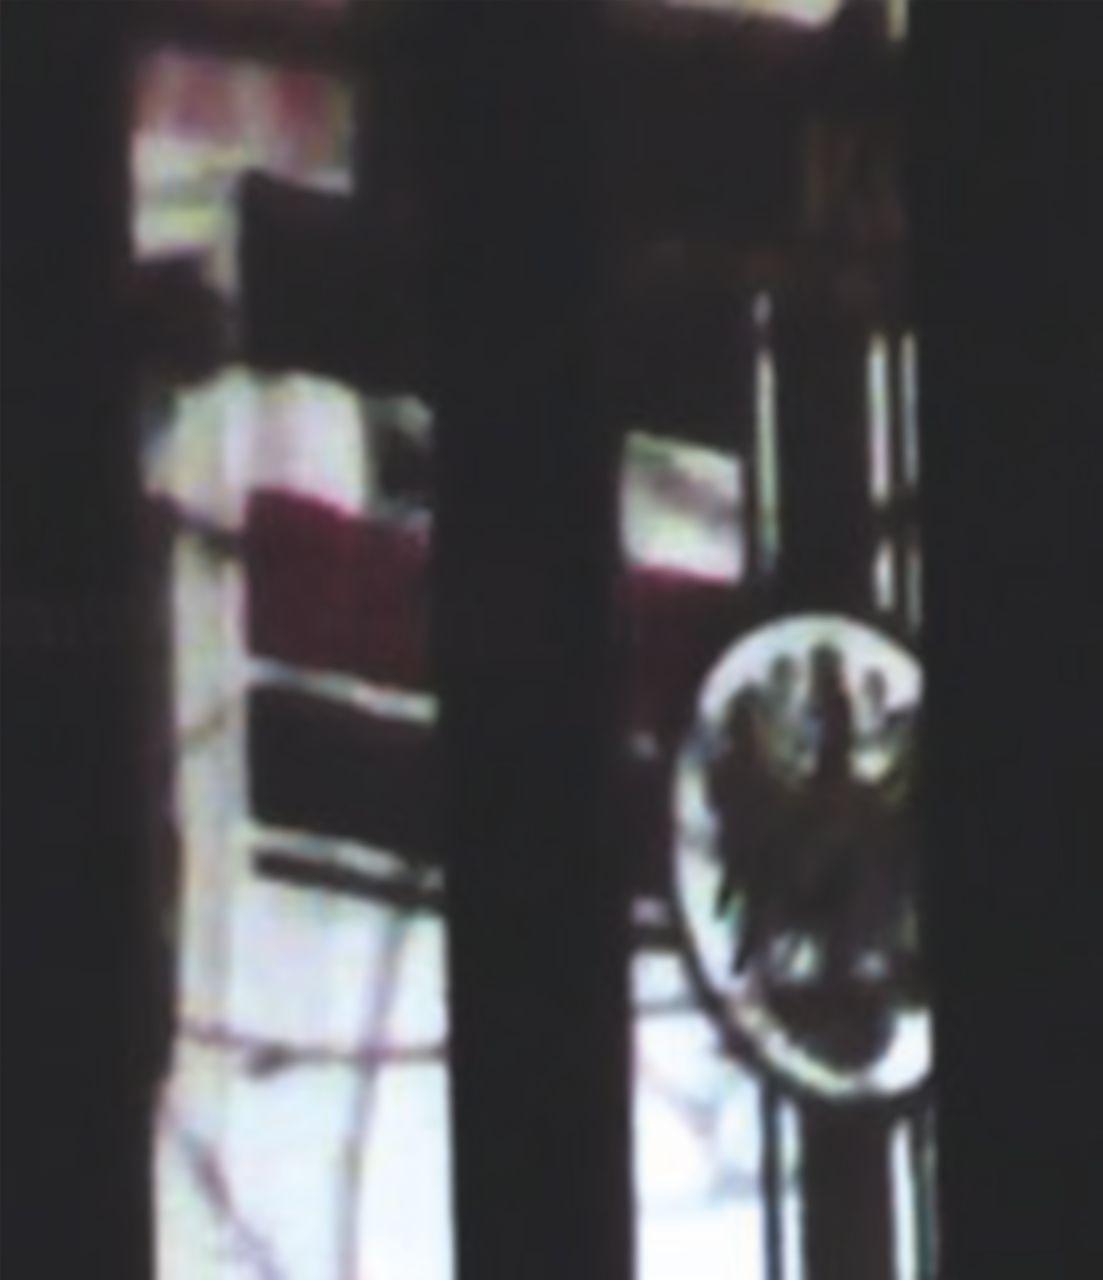 Firenze, bandiera del Reich nella caserma dei carabinieri. C'è anche una foto di Salvini